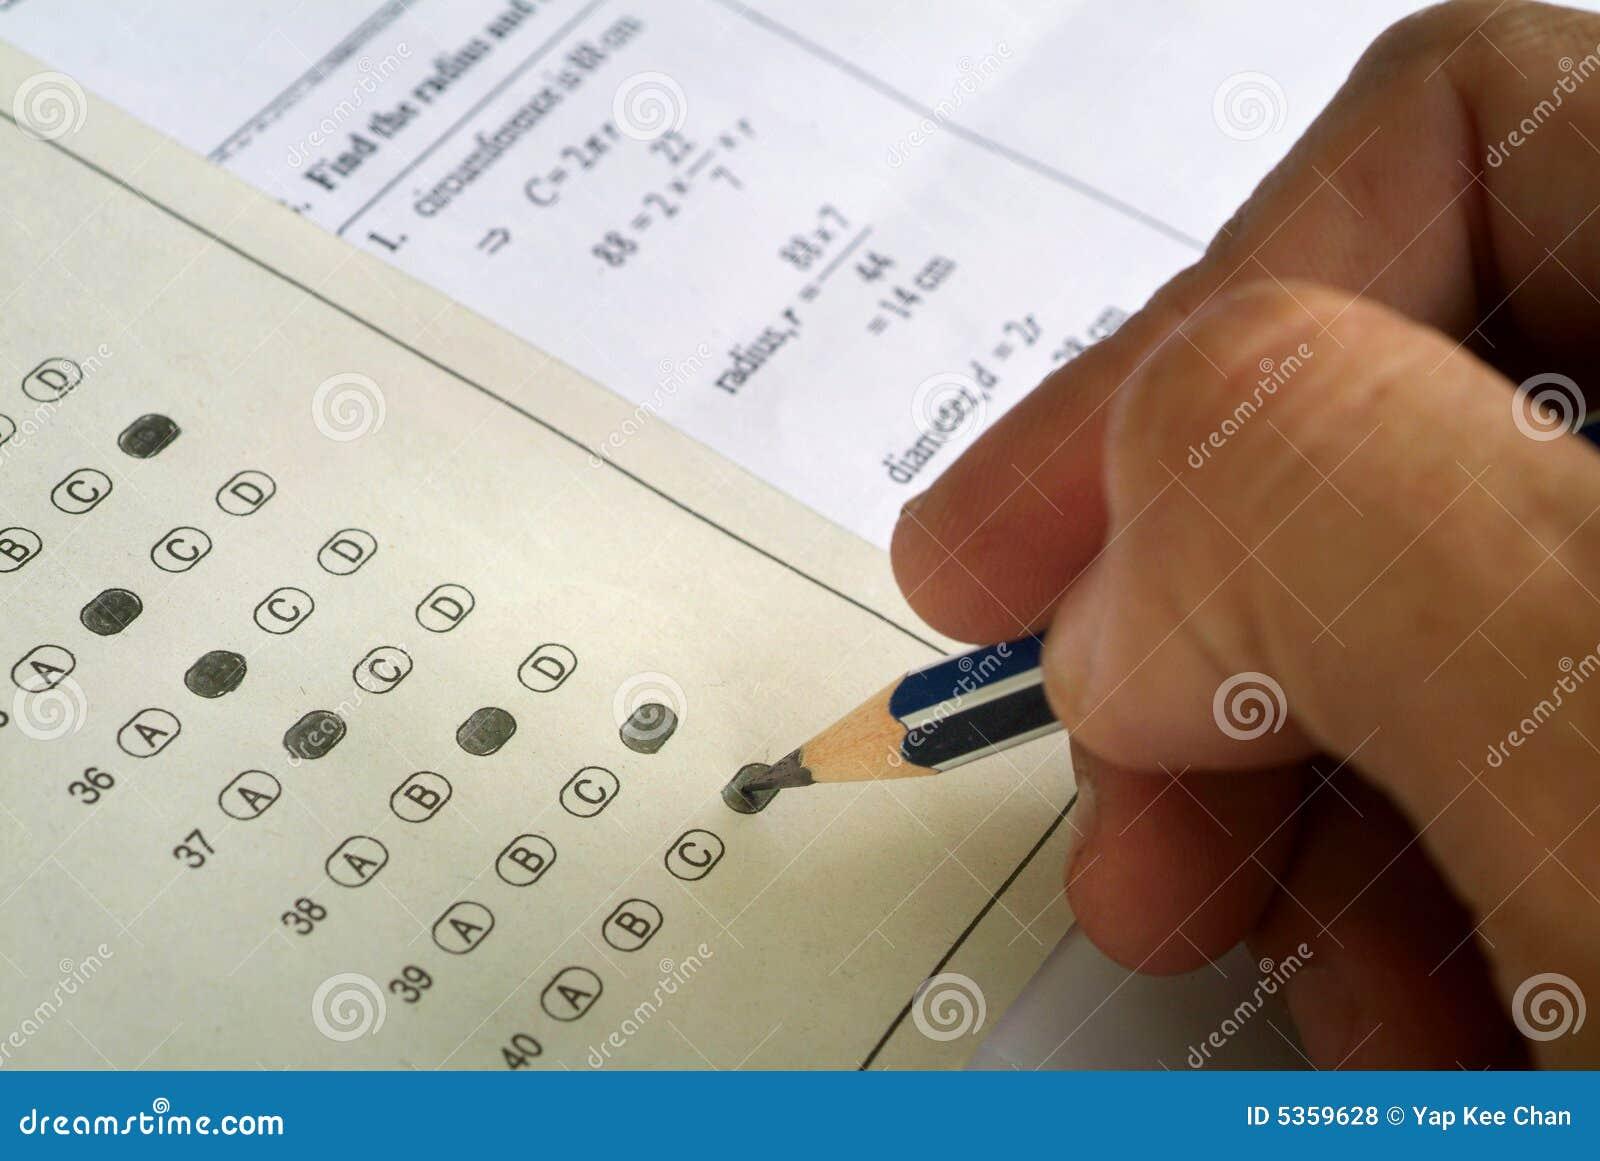 Papel matemático do exame